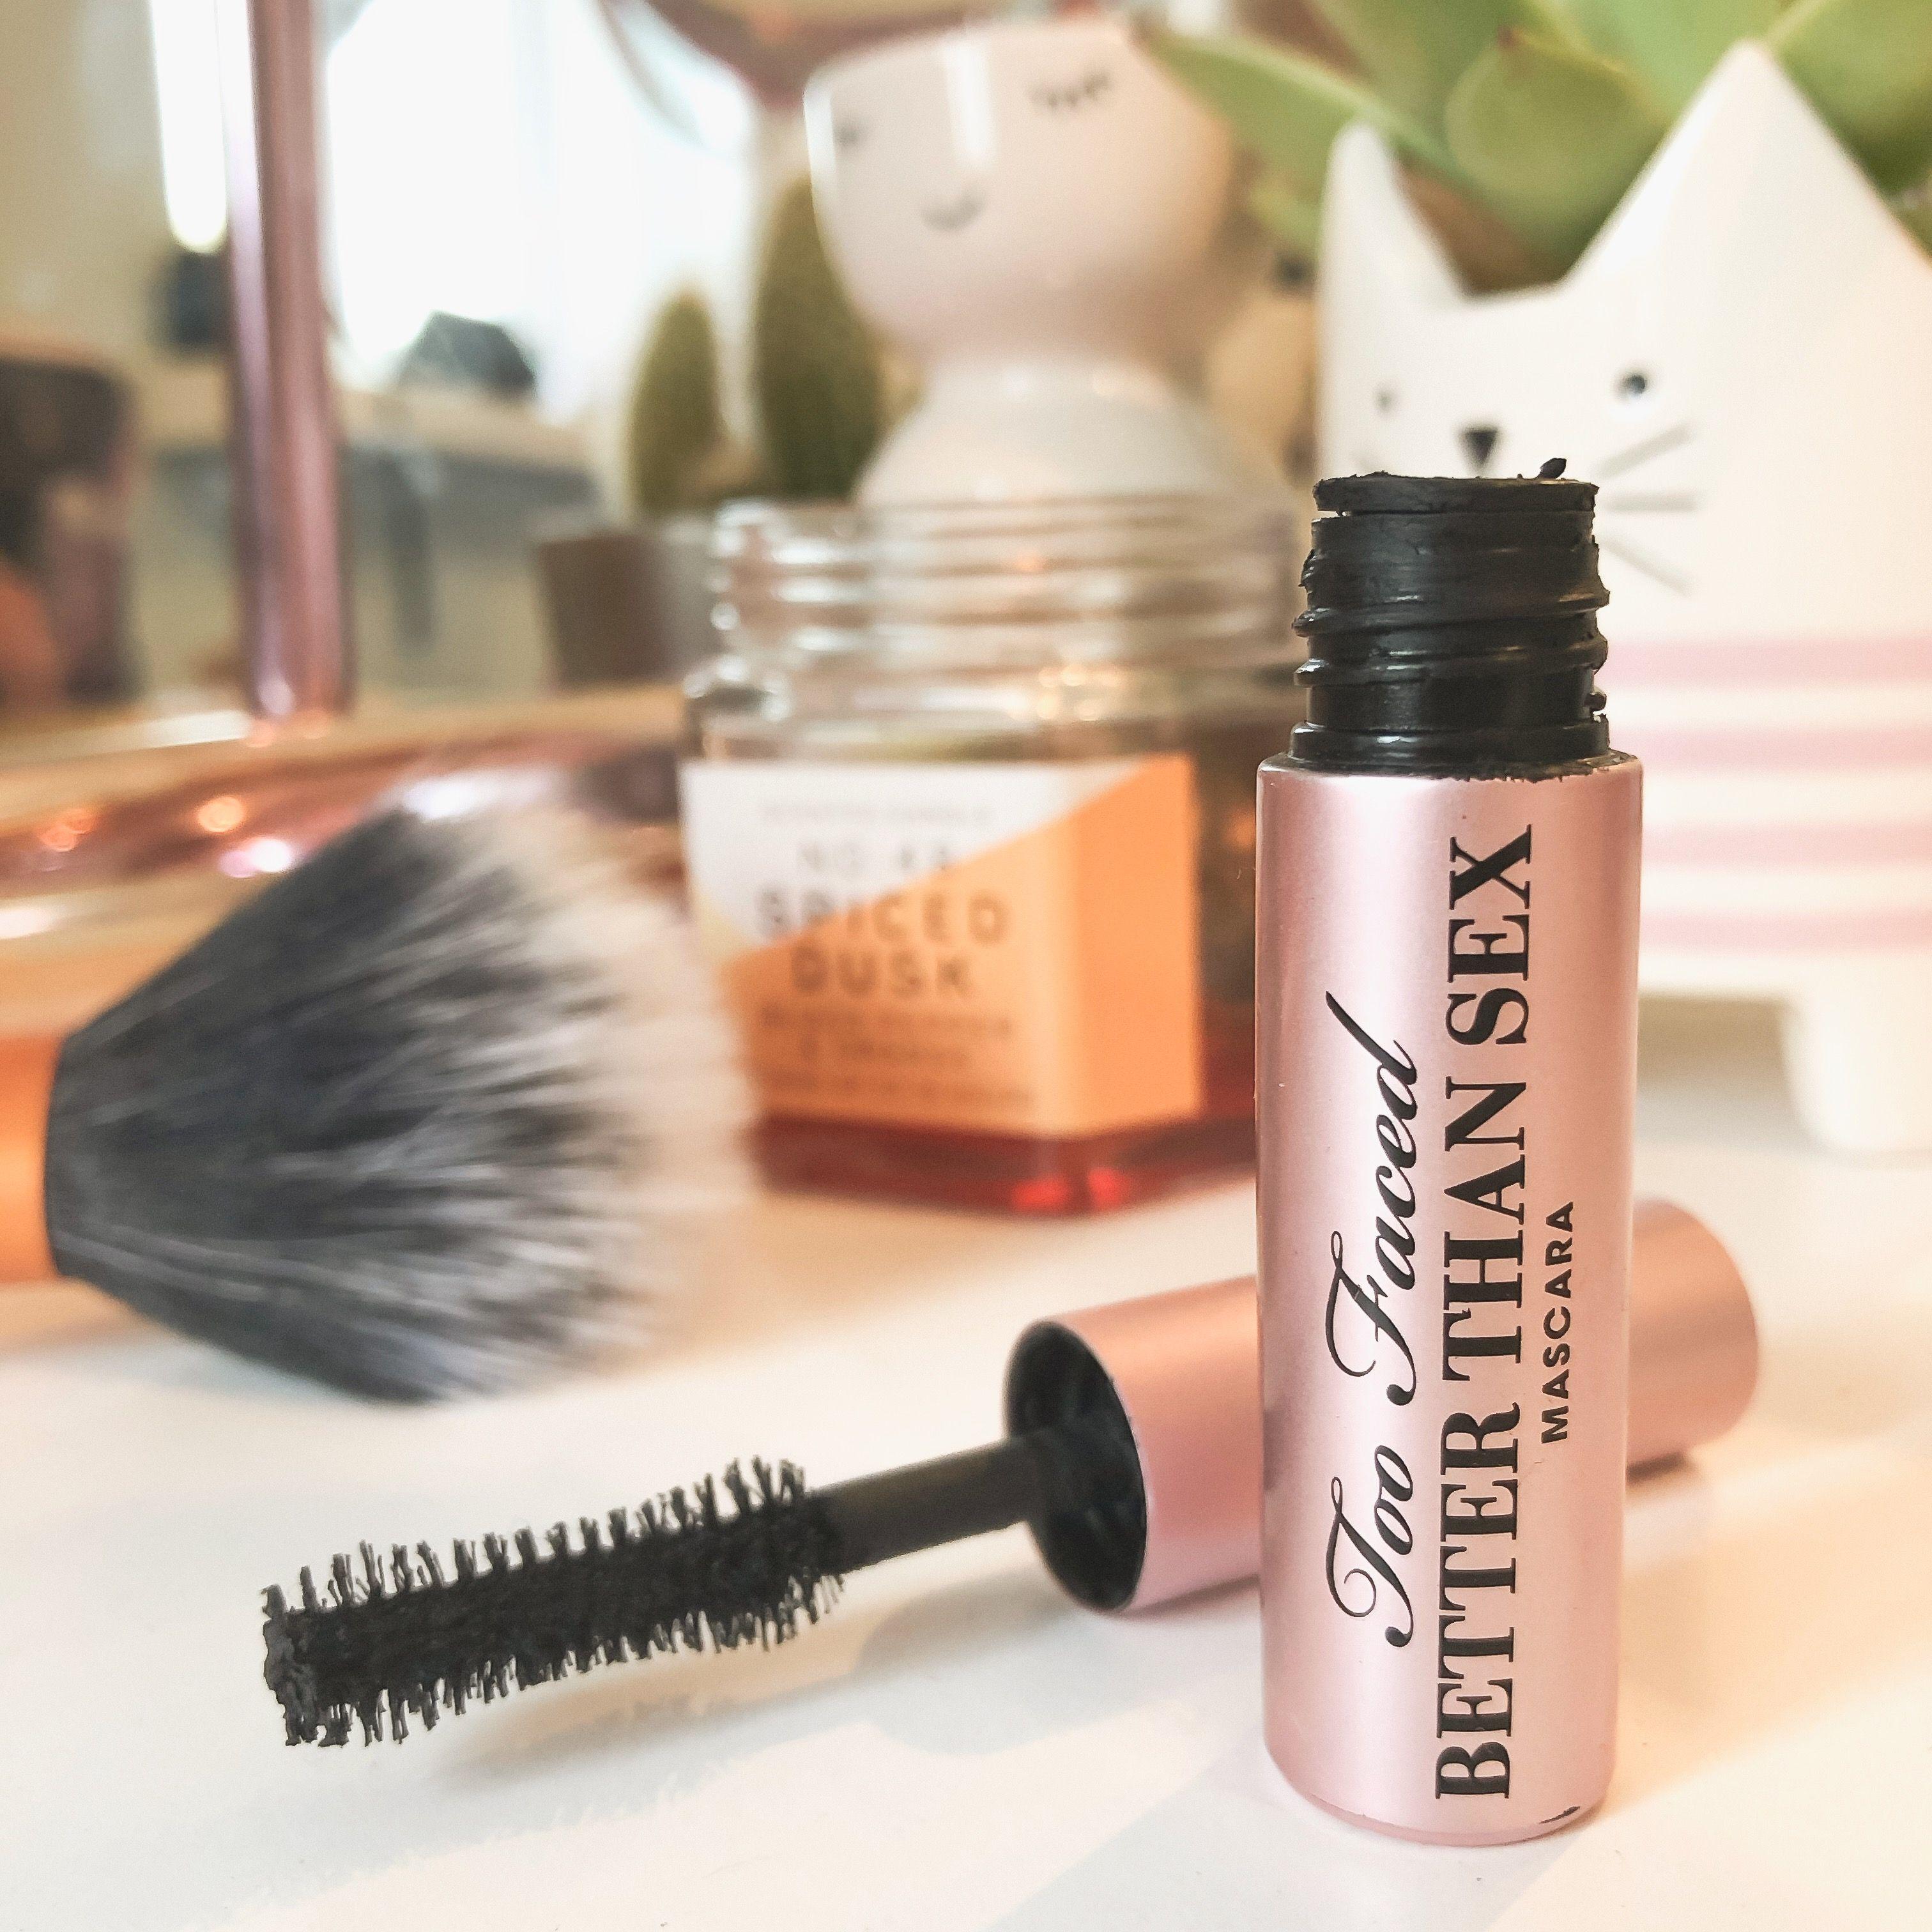 Favorite makeup products, Ball makeup